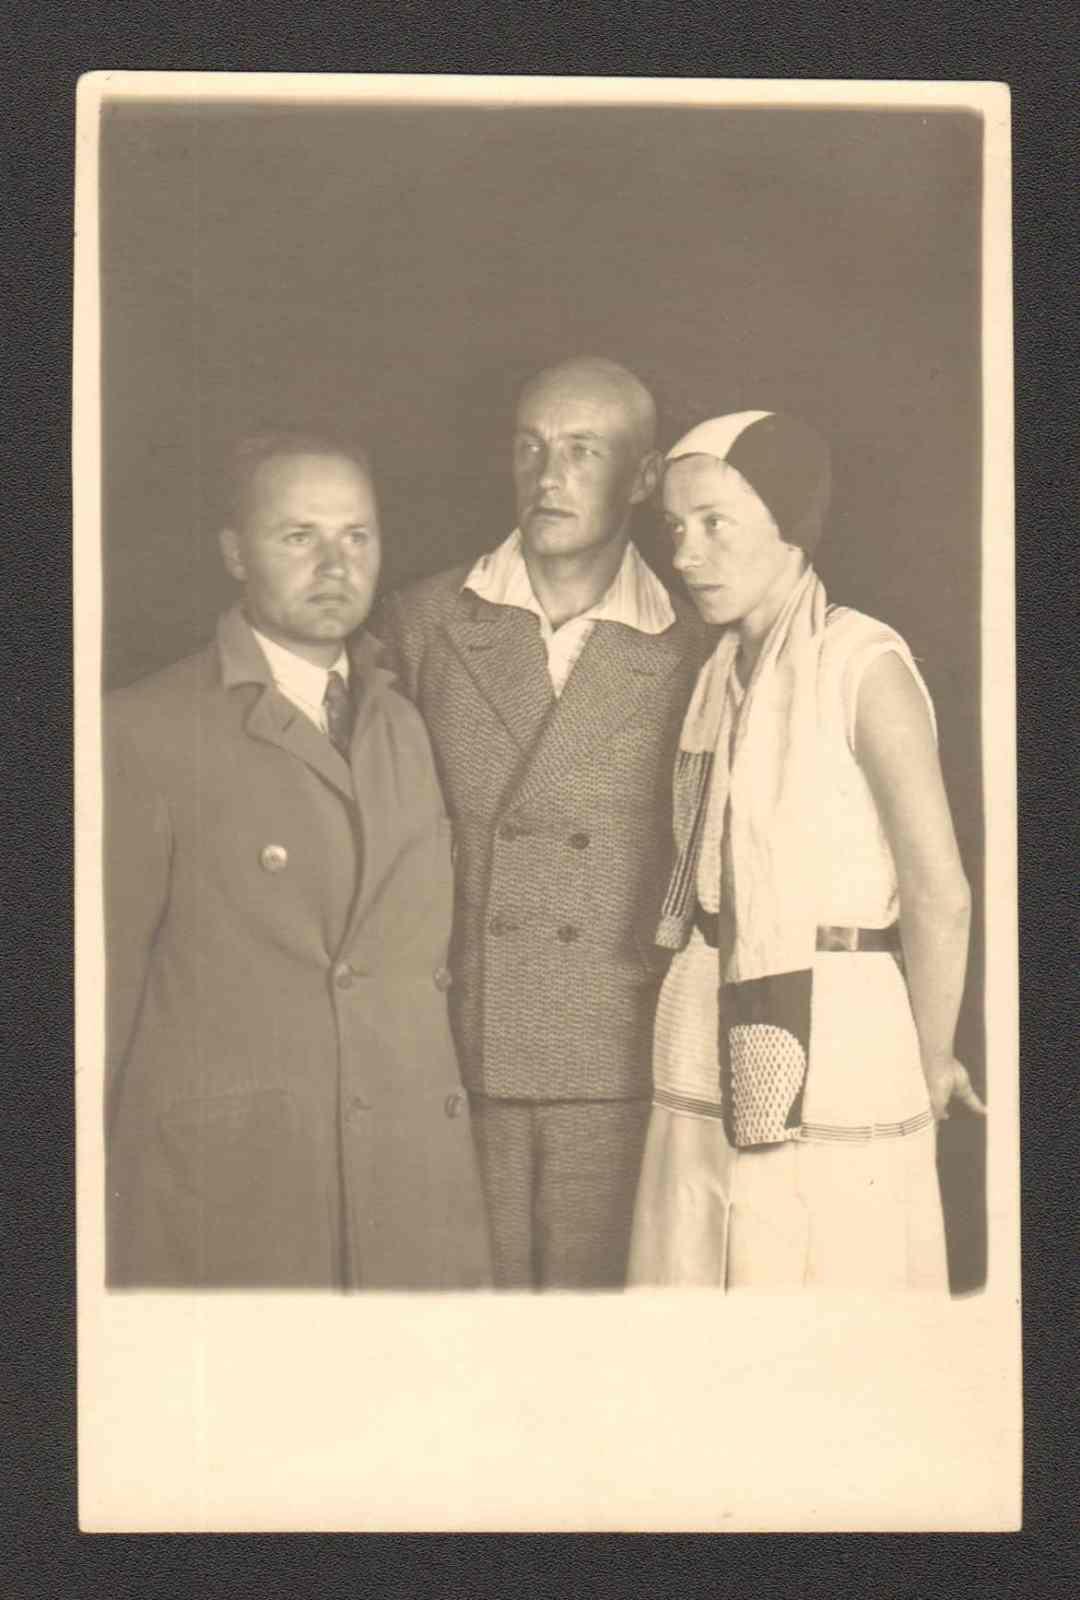 J. Przybos, W. Strzeminski, K. Kobro, vers 1930 © Archive Muzeum Sztuki, Lodz